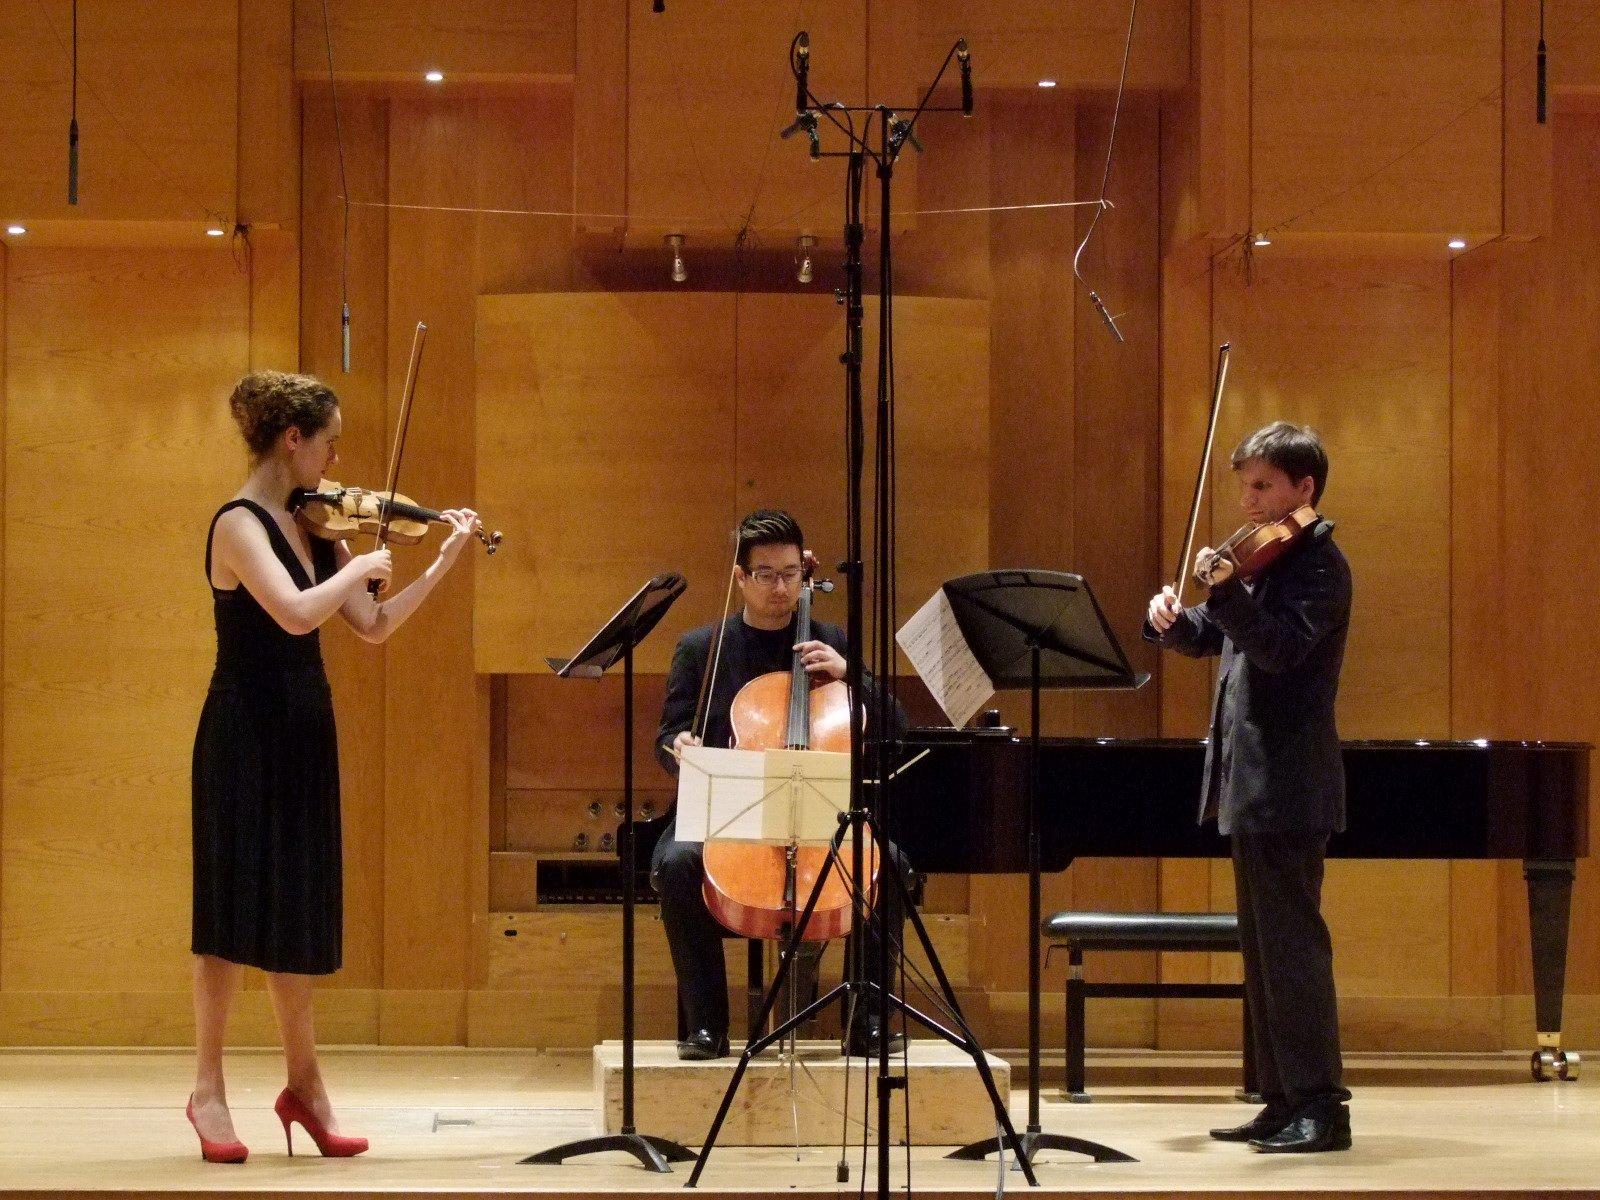 LANGENACHT Kammermusik Hochschule für Musik und Theater Lange Nacht der Musik 2015